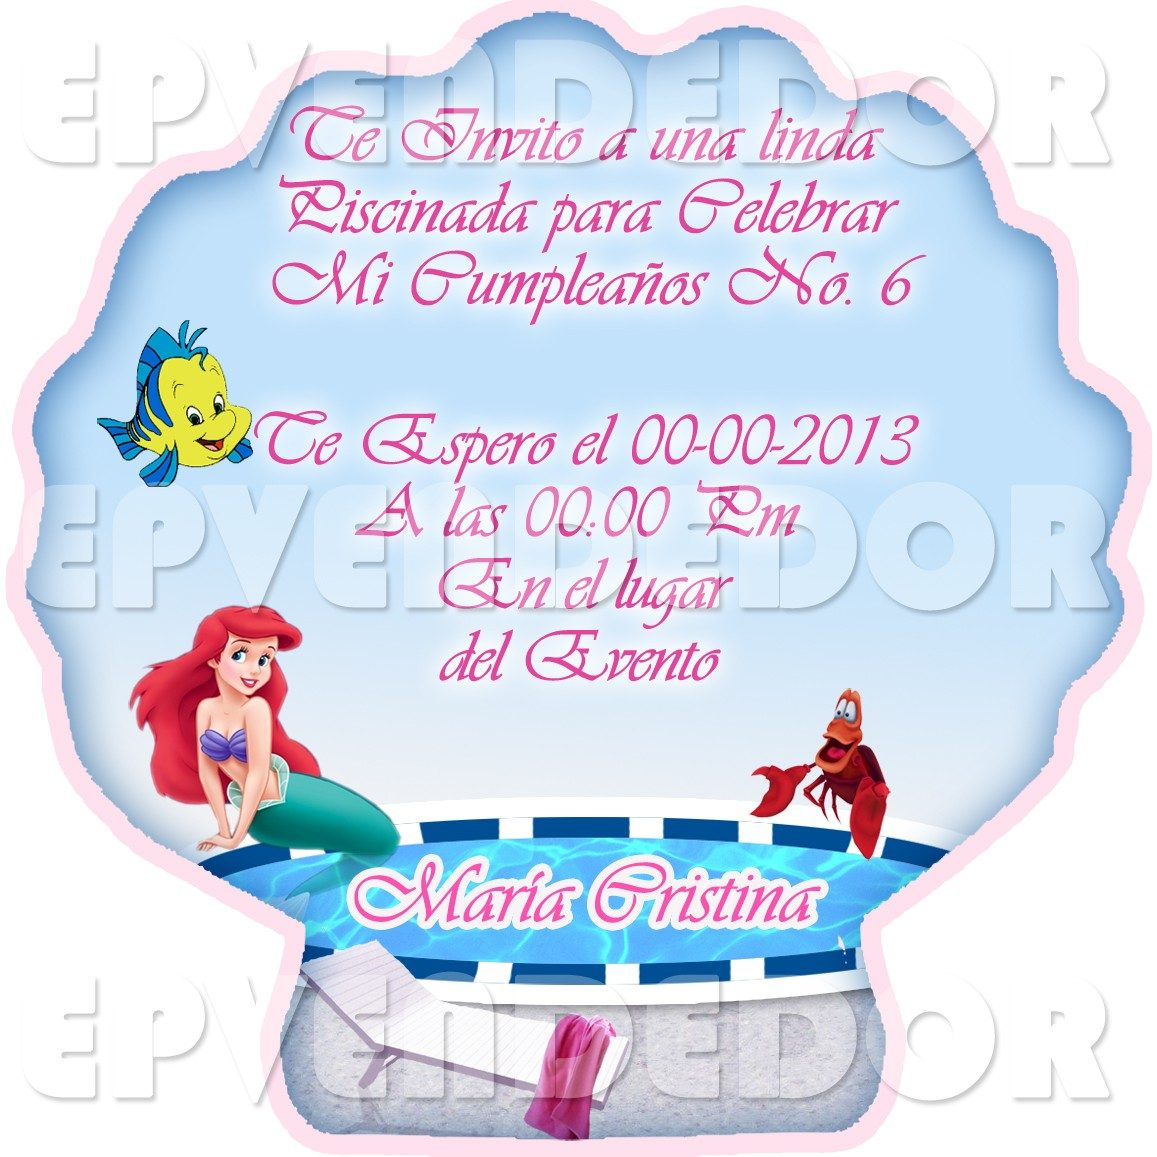 Tarjetas De Invitacion En Forma De Ostra La Sirenita Epv